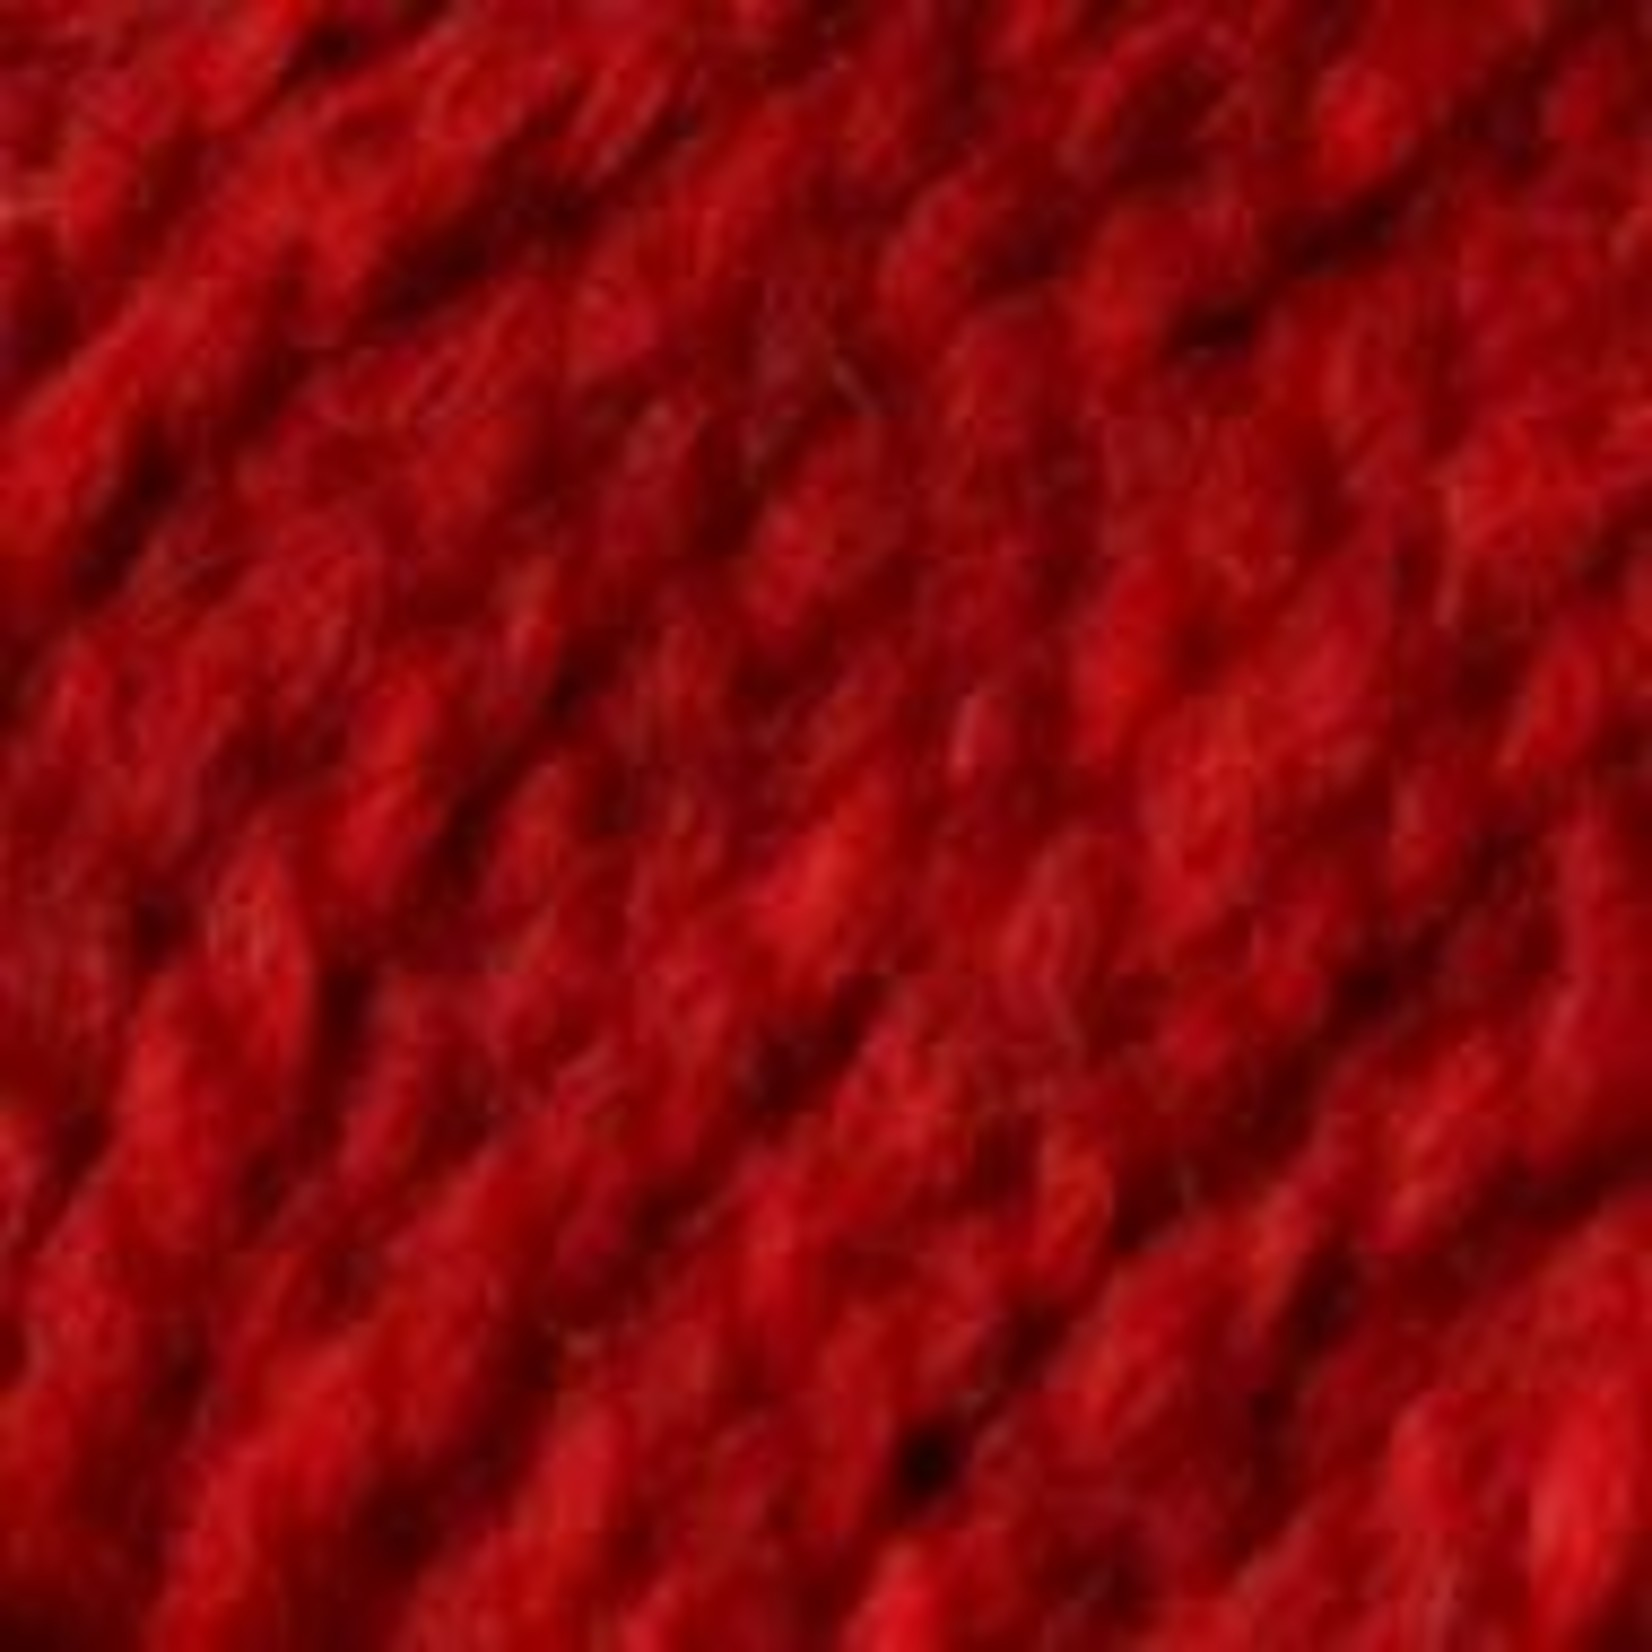 Briggs & Little Tuffy Yarn by Briggs & Little, 2 ply